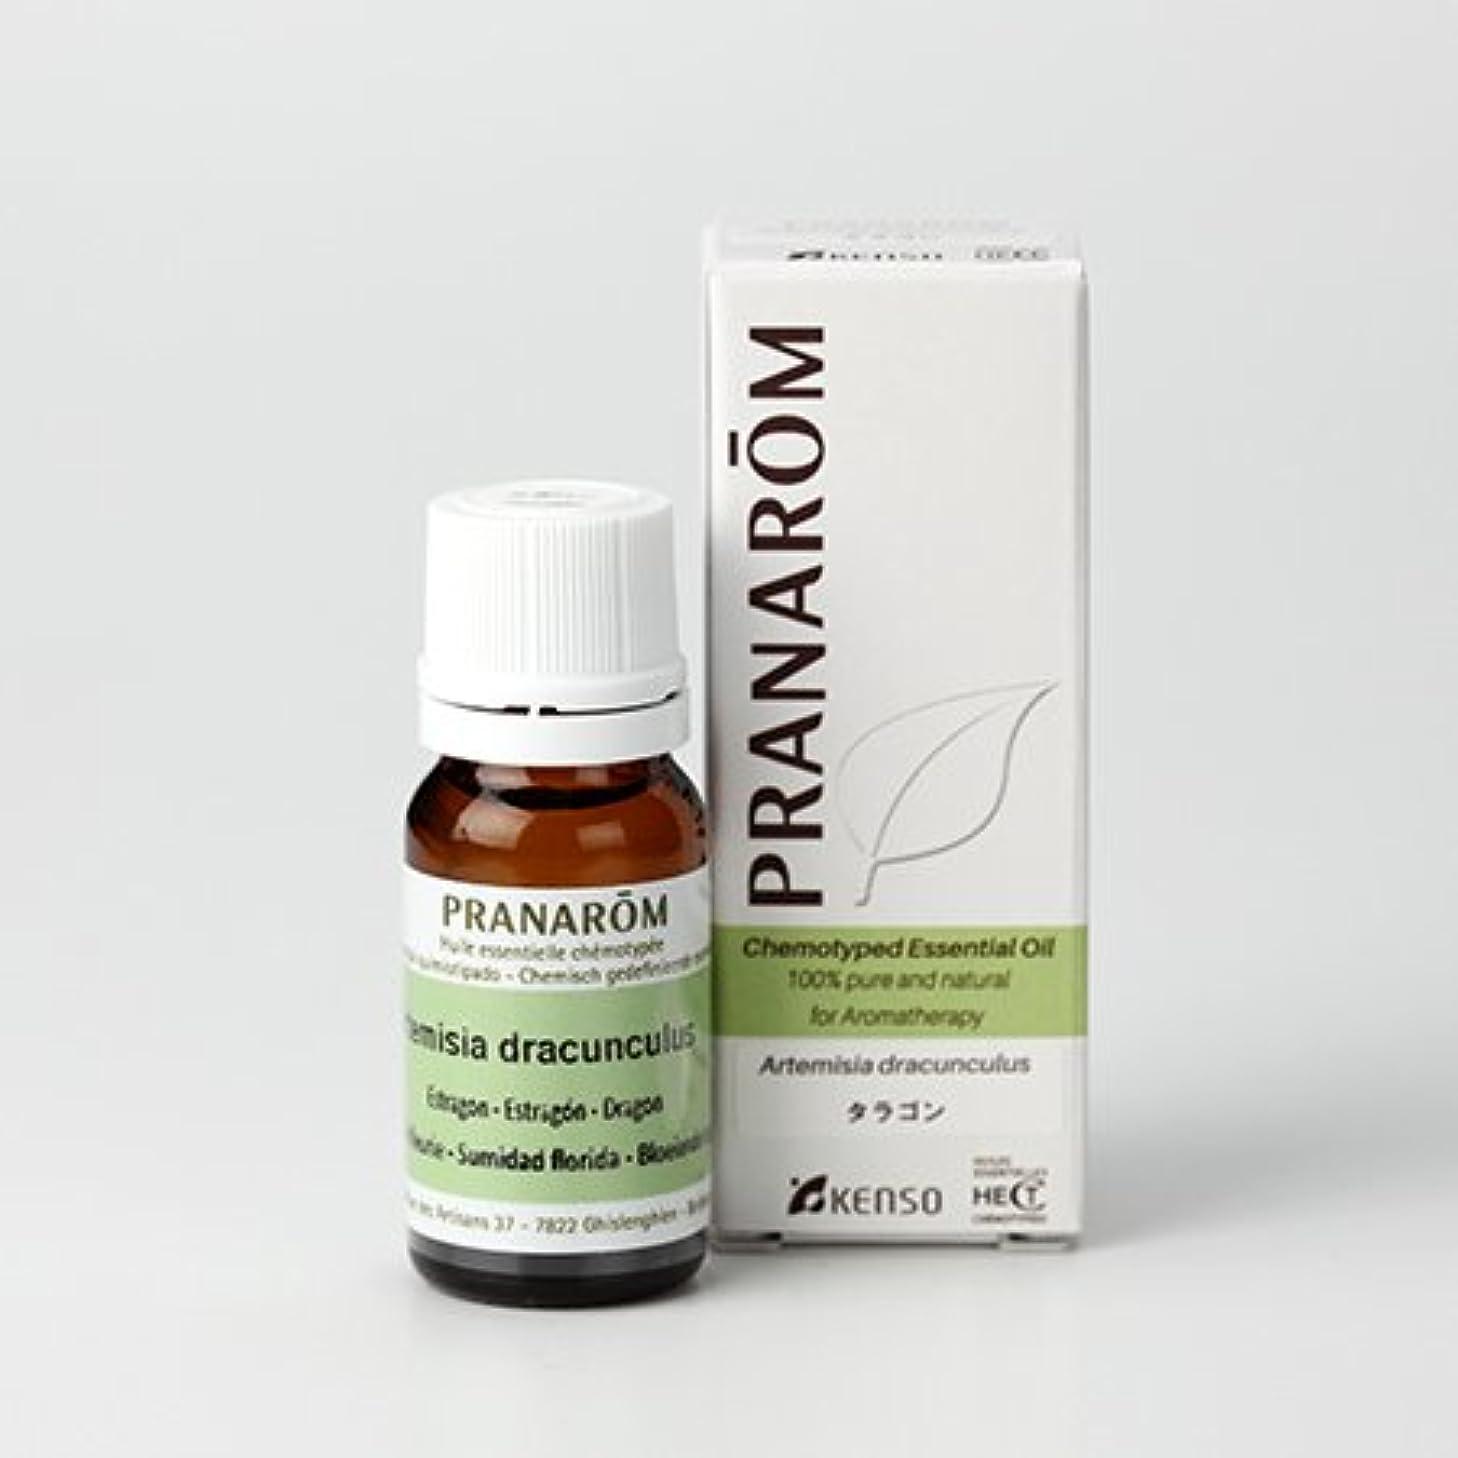 ヒープアーティスト穿孔するプラナロム ( PRANAROM ) 精油 タラゴン 10ml p-15